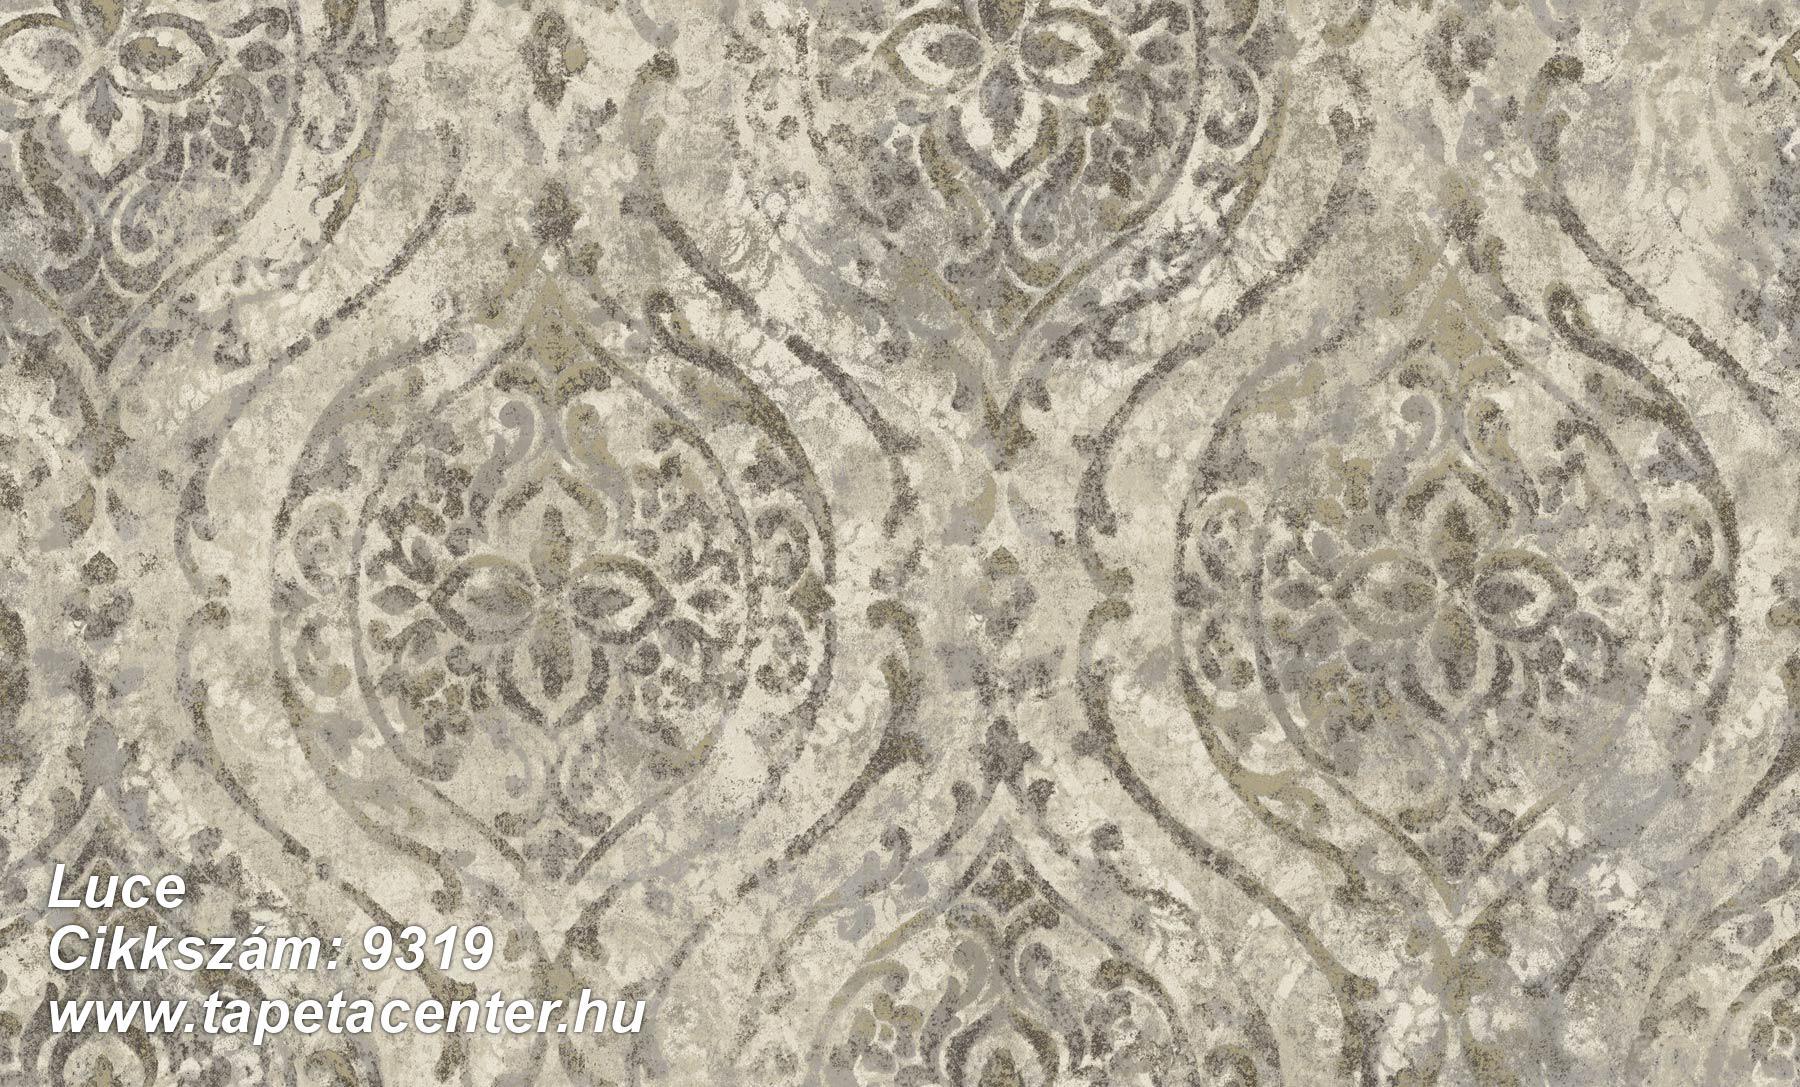 Barokk-klasszikus,különleges felületű,különleges motívumos,arany,barna,szürke,súrolható,vlies tapéta